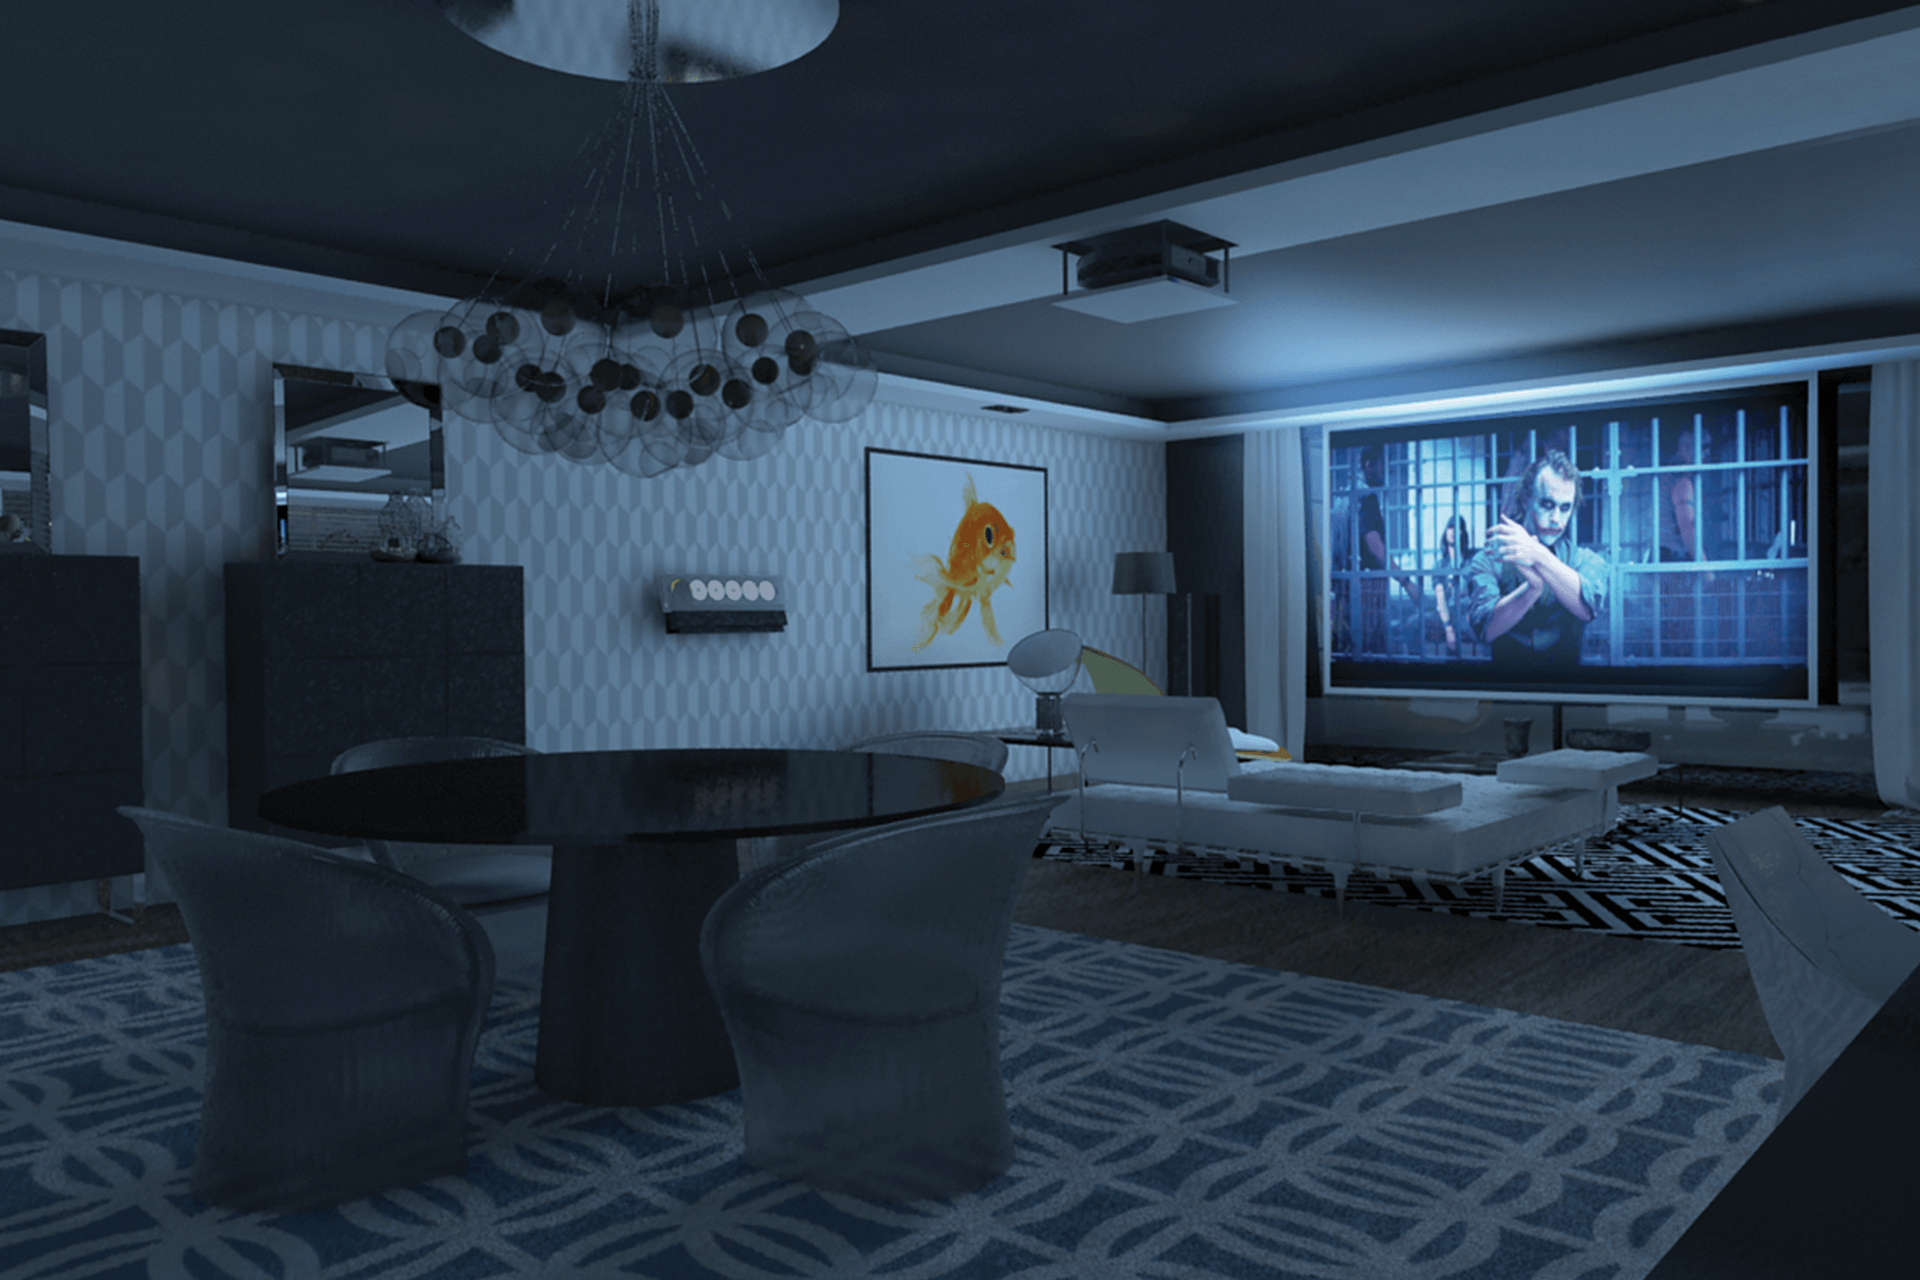 Interior Design Decor | The Room Studio